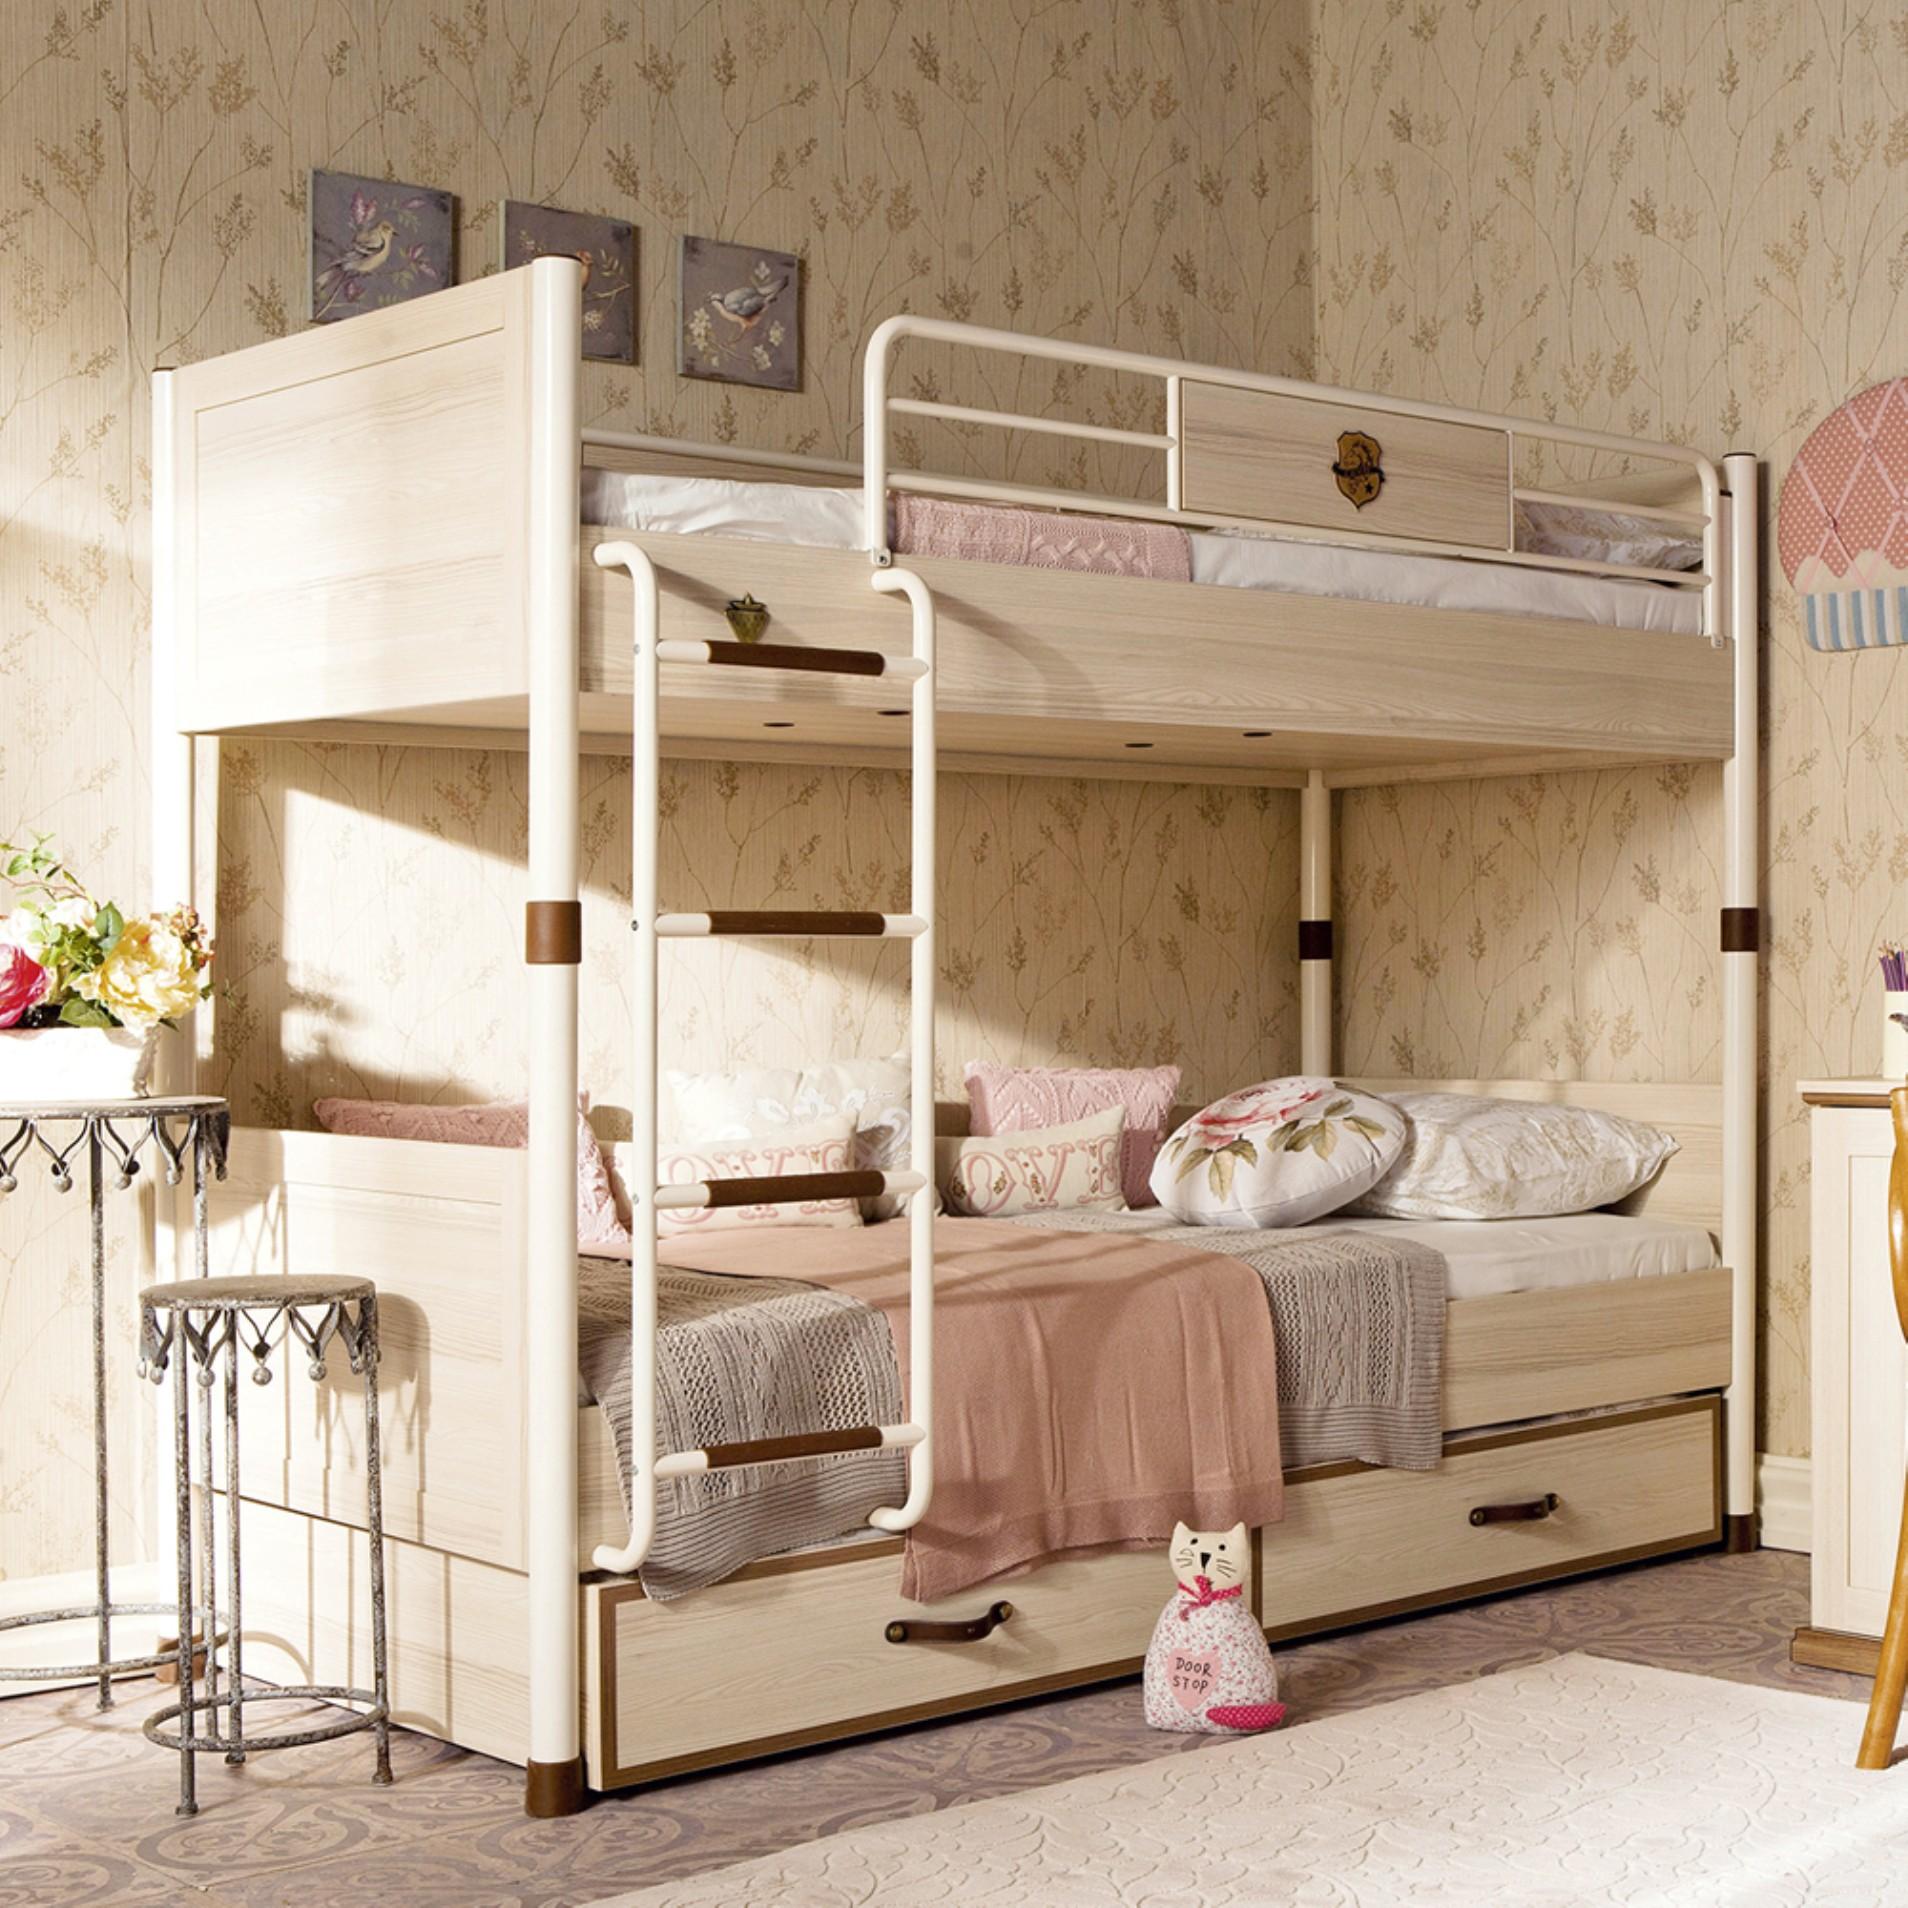 Красивая кремовая двухъярусная кровать с лестницей